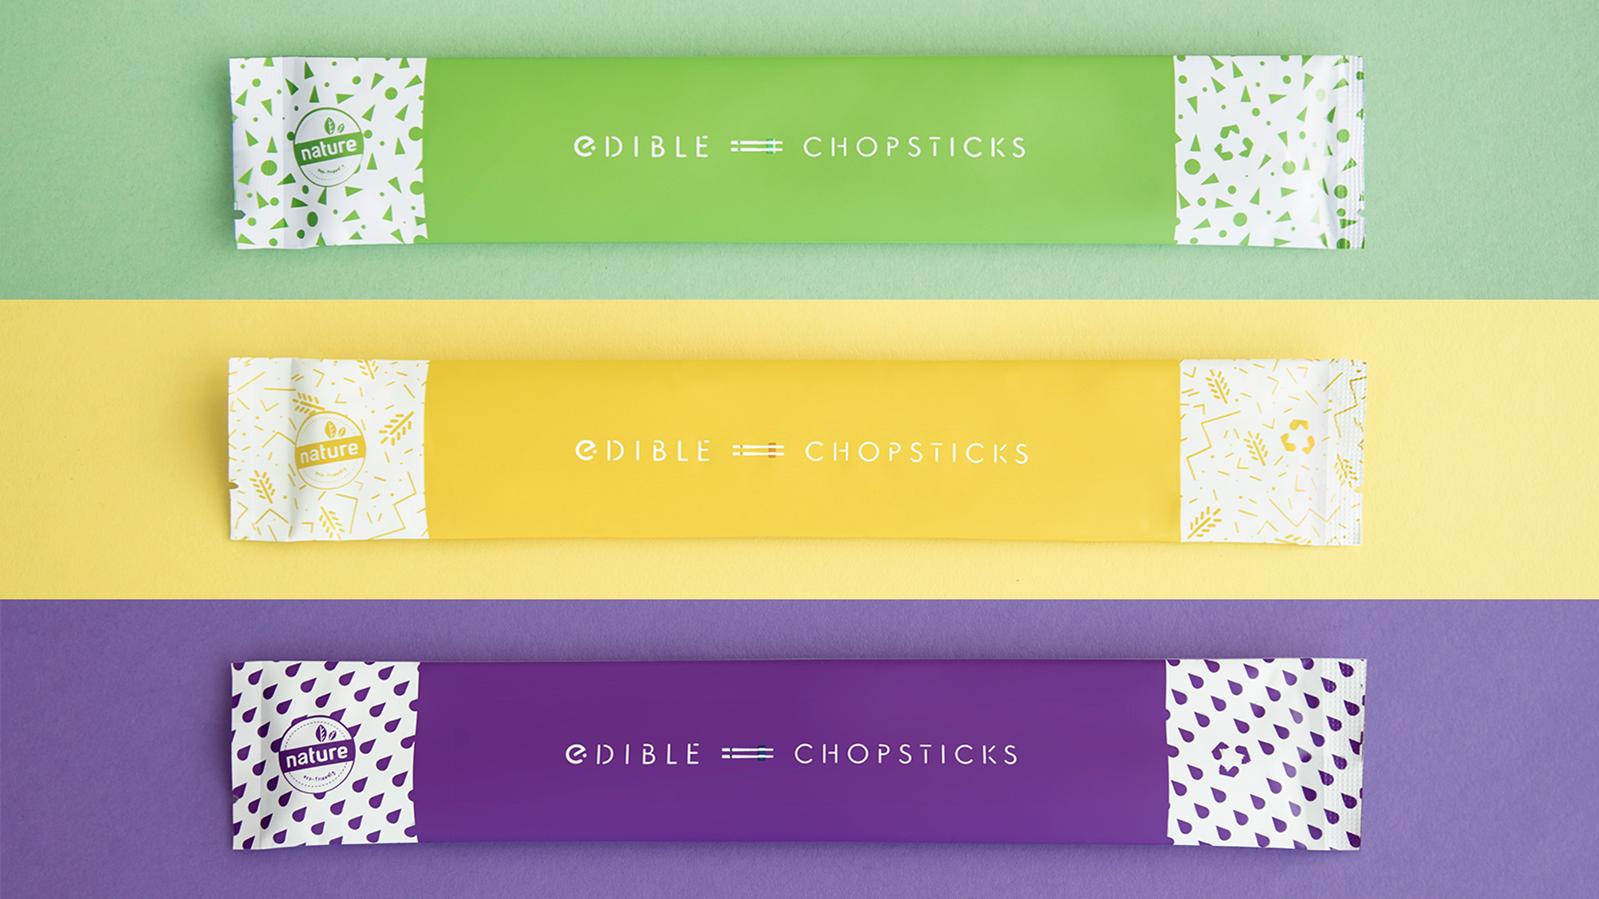 Edible Chopsticks ตะเกียบไม้ใช้แล้วอย่าทิ้ง กินต่อได้! อิ่มอร่อย ไม่ทำลายป่าไม้